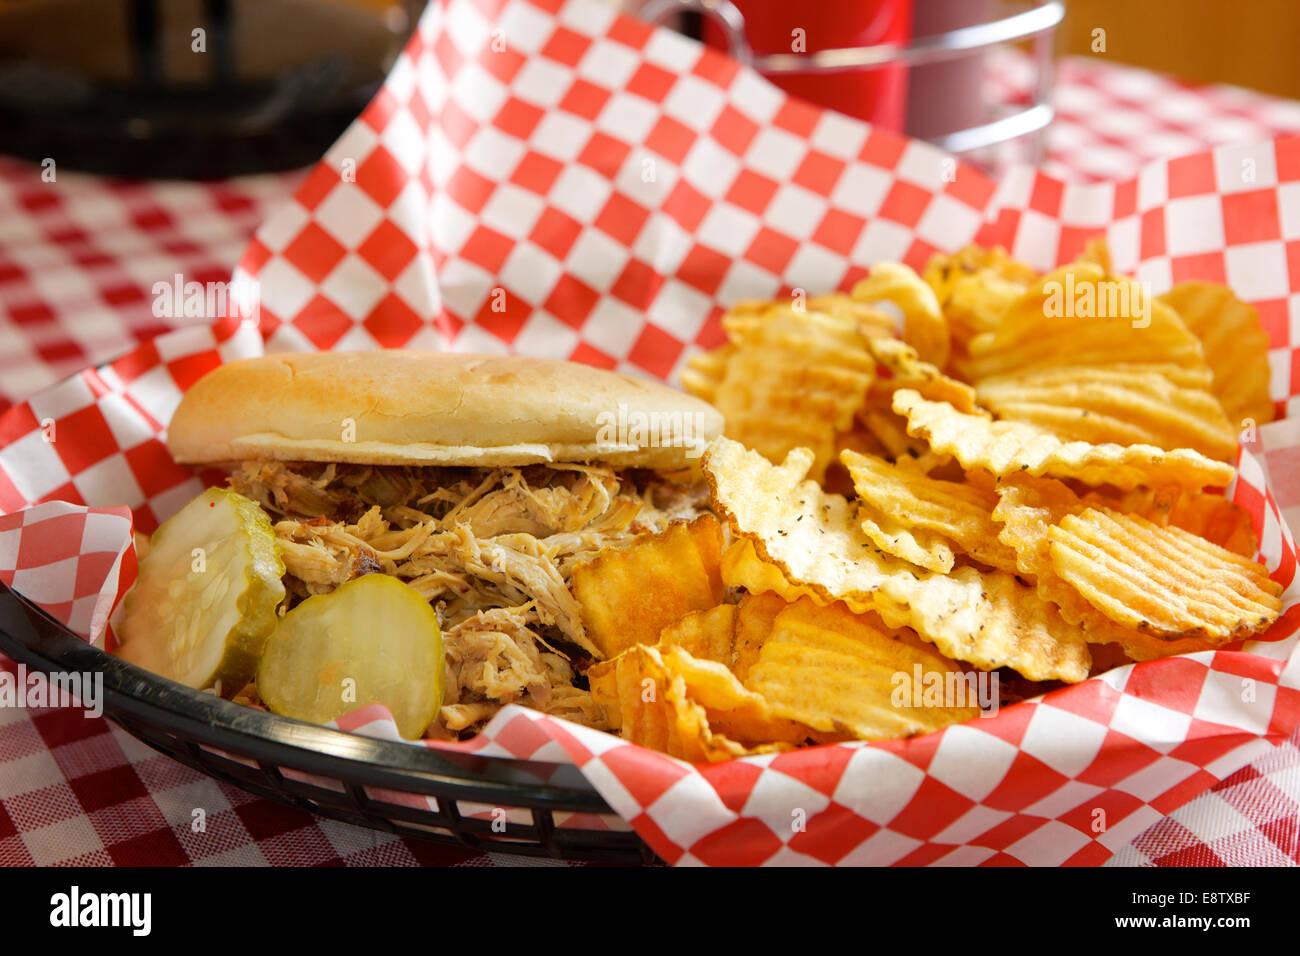 Tirato un sandwich di maiale con patate fritte e sottaceti Immagini Stock